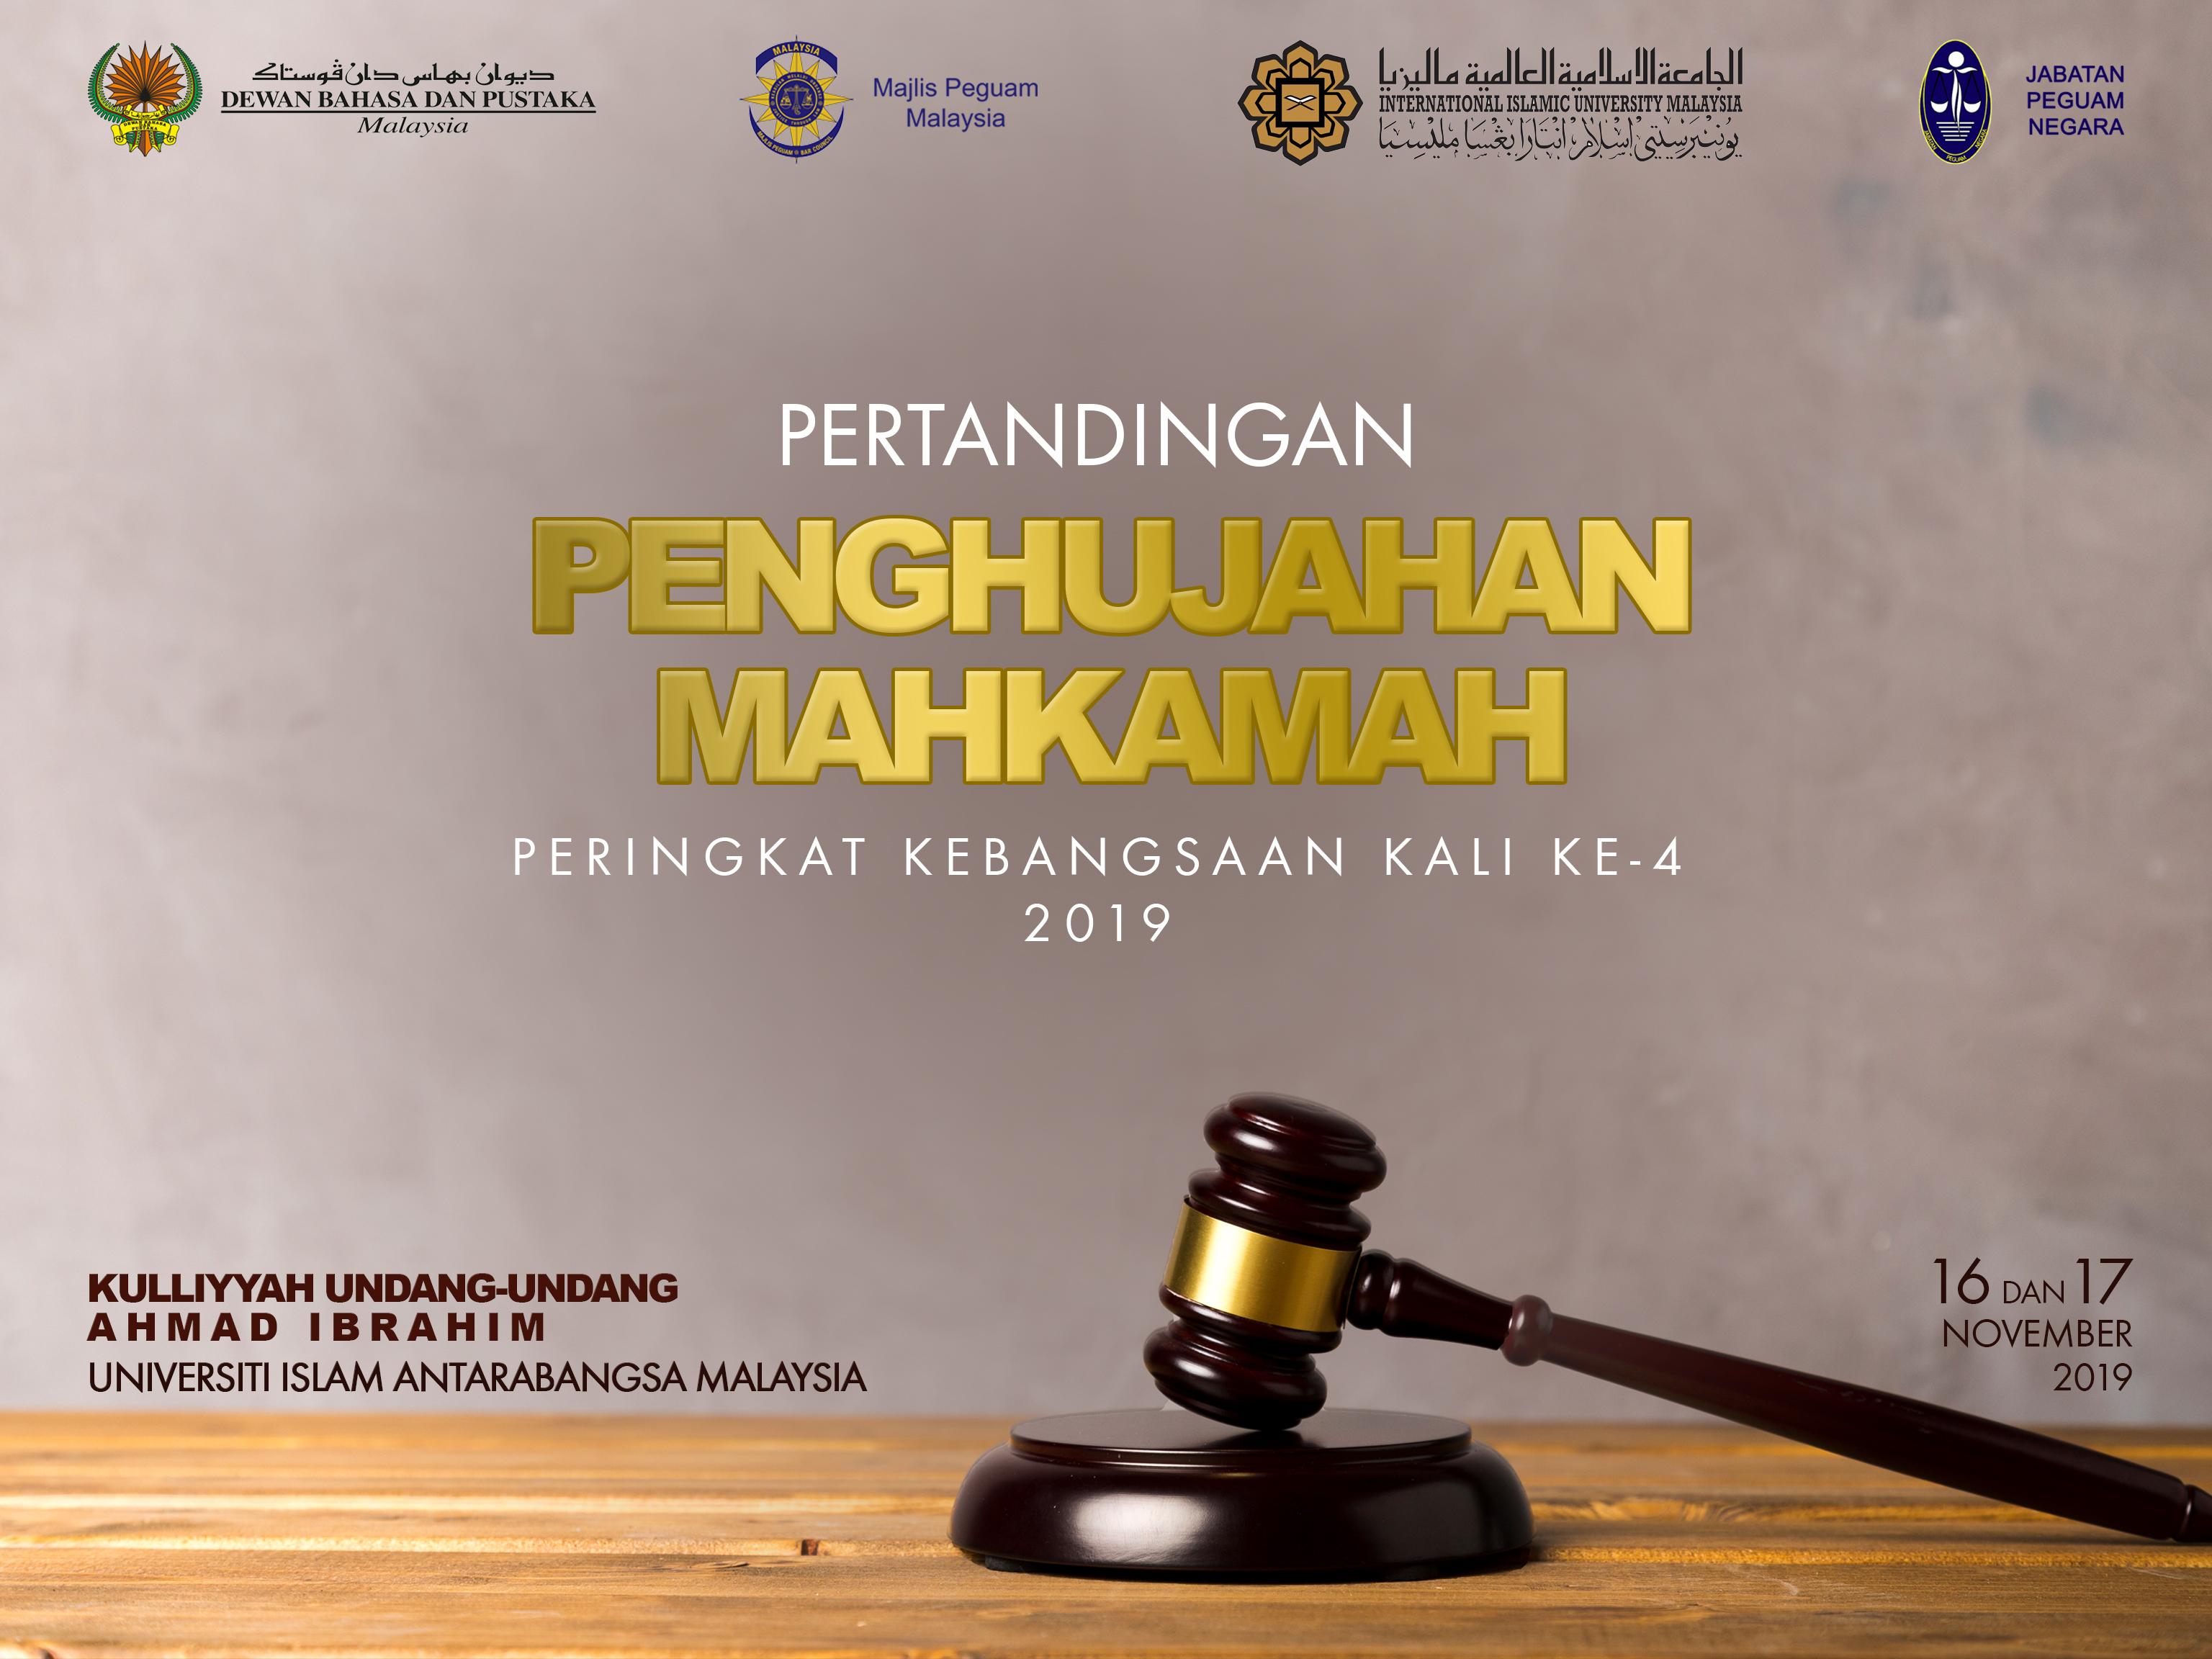 PERTANDINGAN PENGHUJAHAN MAHKAMAH PERINGKAT KEBANGSAAN KALI KE-4 2019